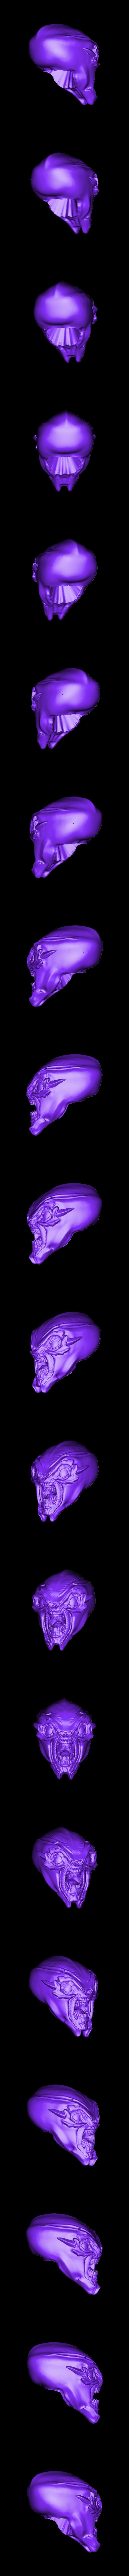 MobHead.stl Télécharger fichier STL TUEUR À GAGES • Objet à imprimer en 3D, freeclimbingbo